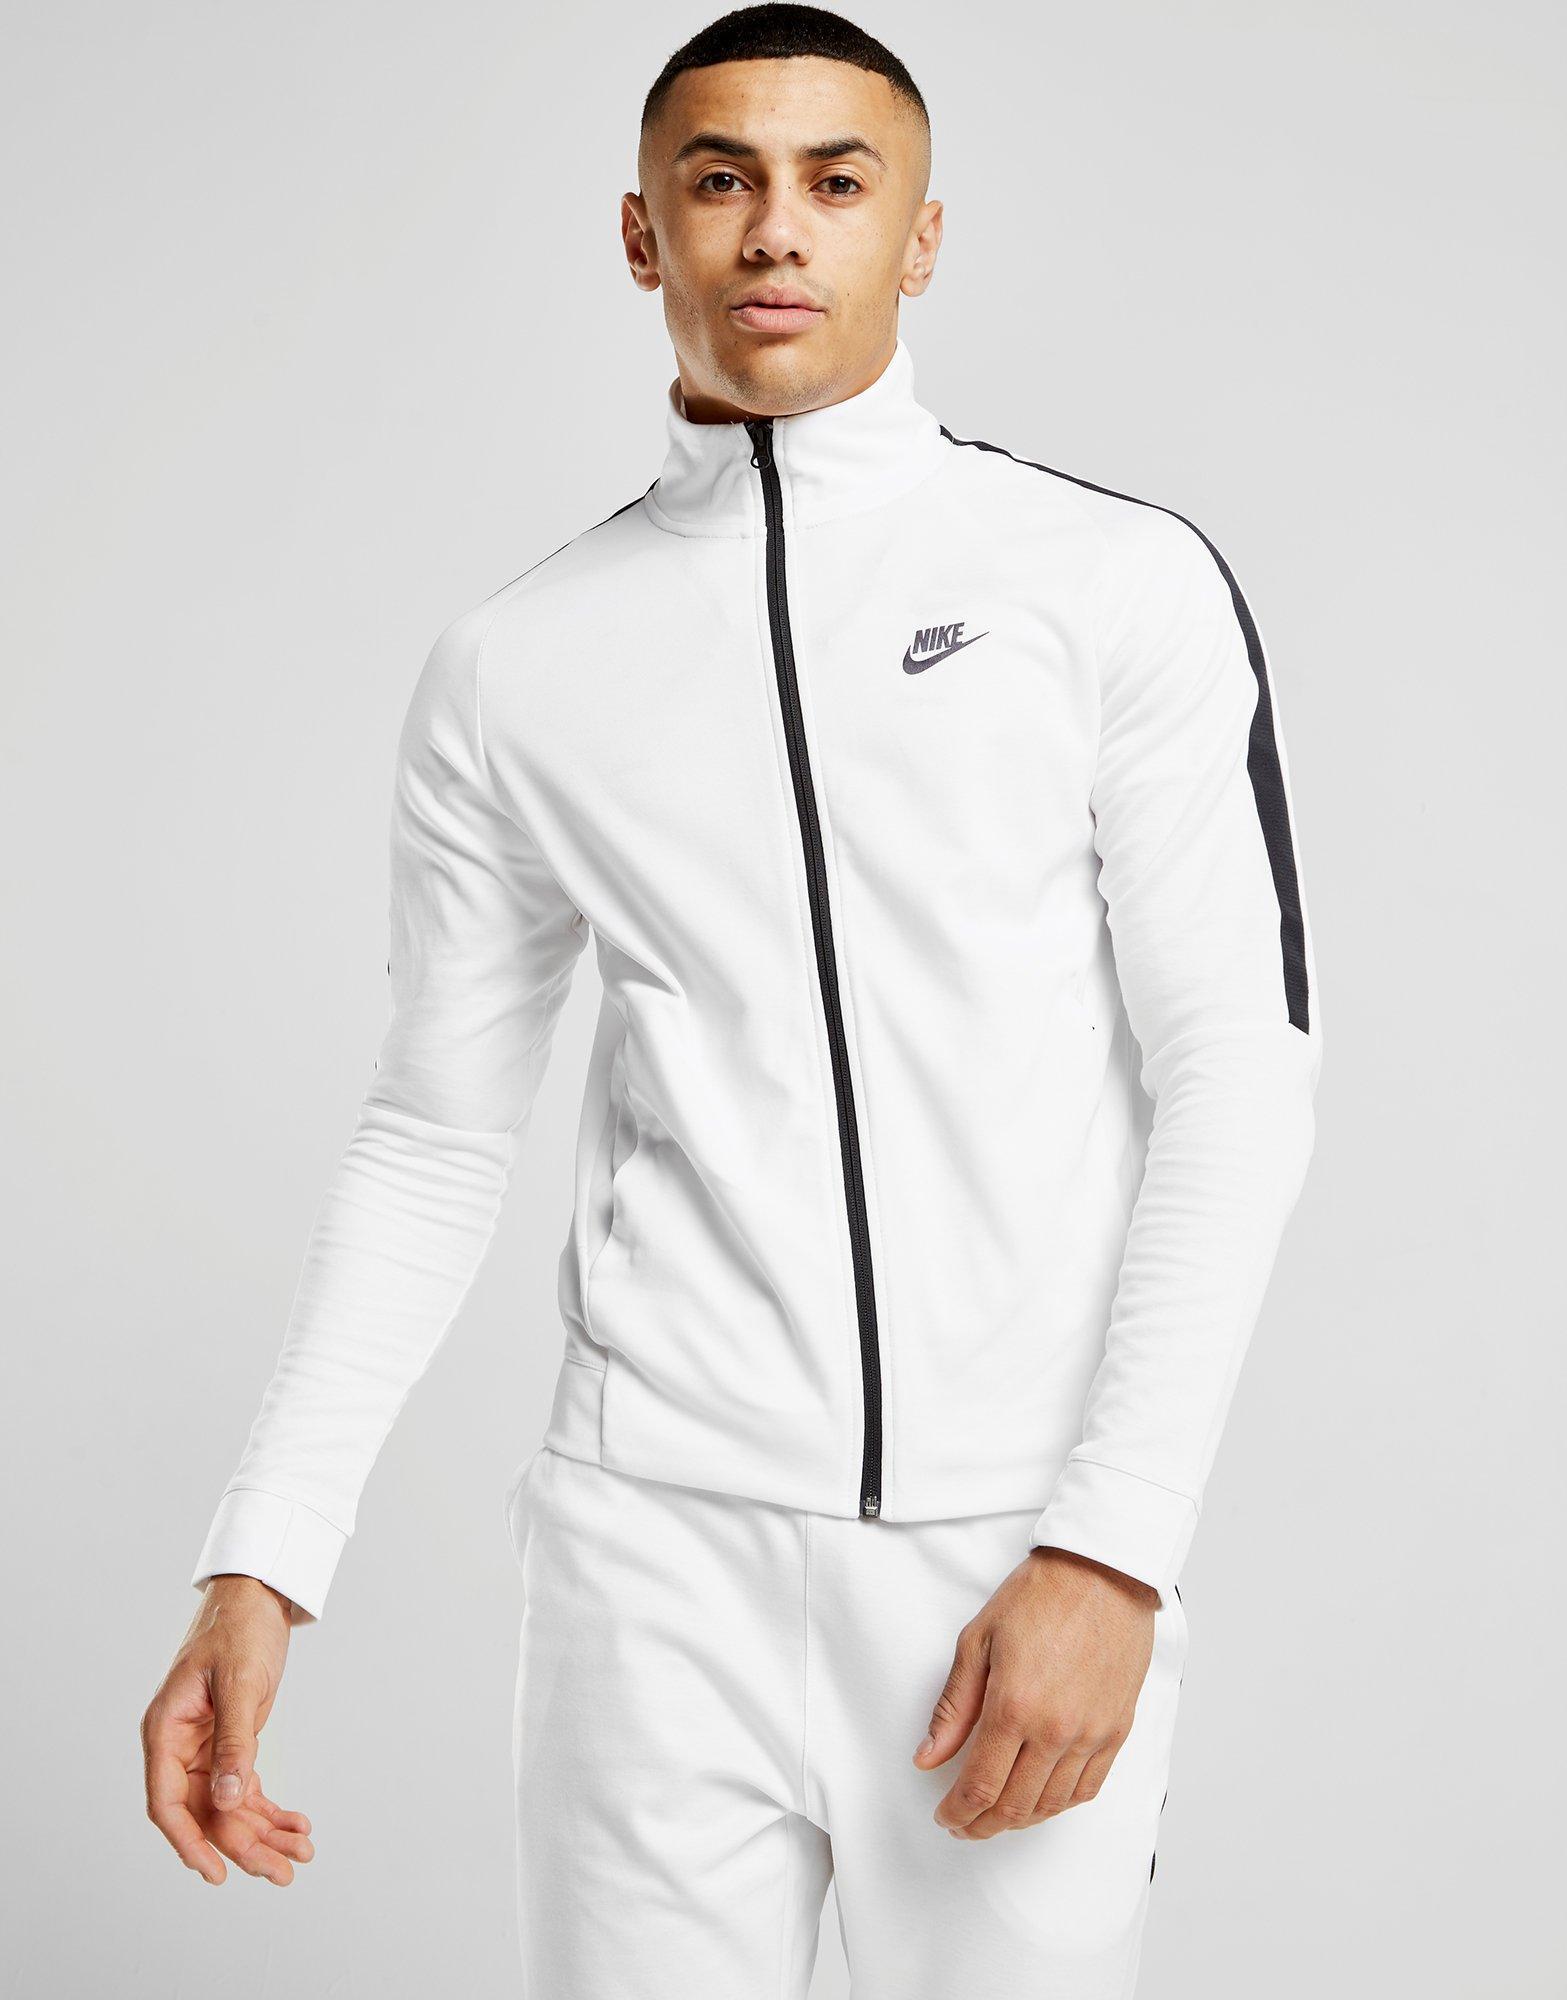 71cecc3e Nike Tribute Track Top in White for Men - Lyst